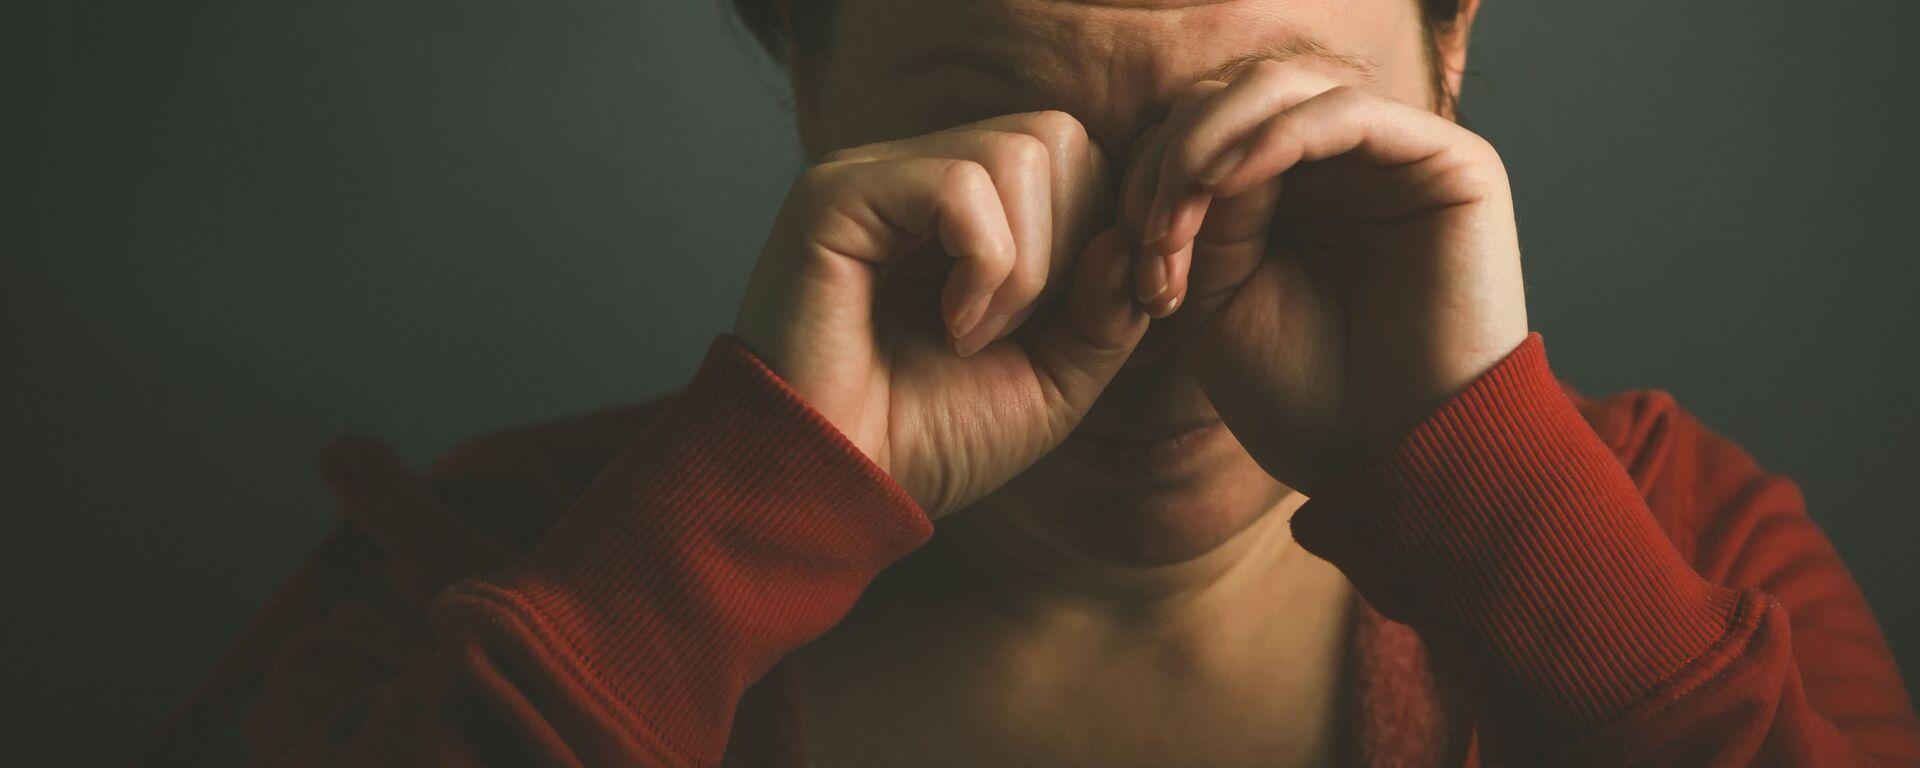 Płacząca kobieta - Sputnik Polska, 1920, 13.03.2021